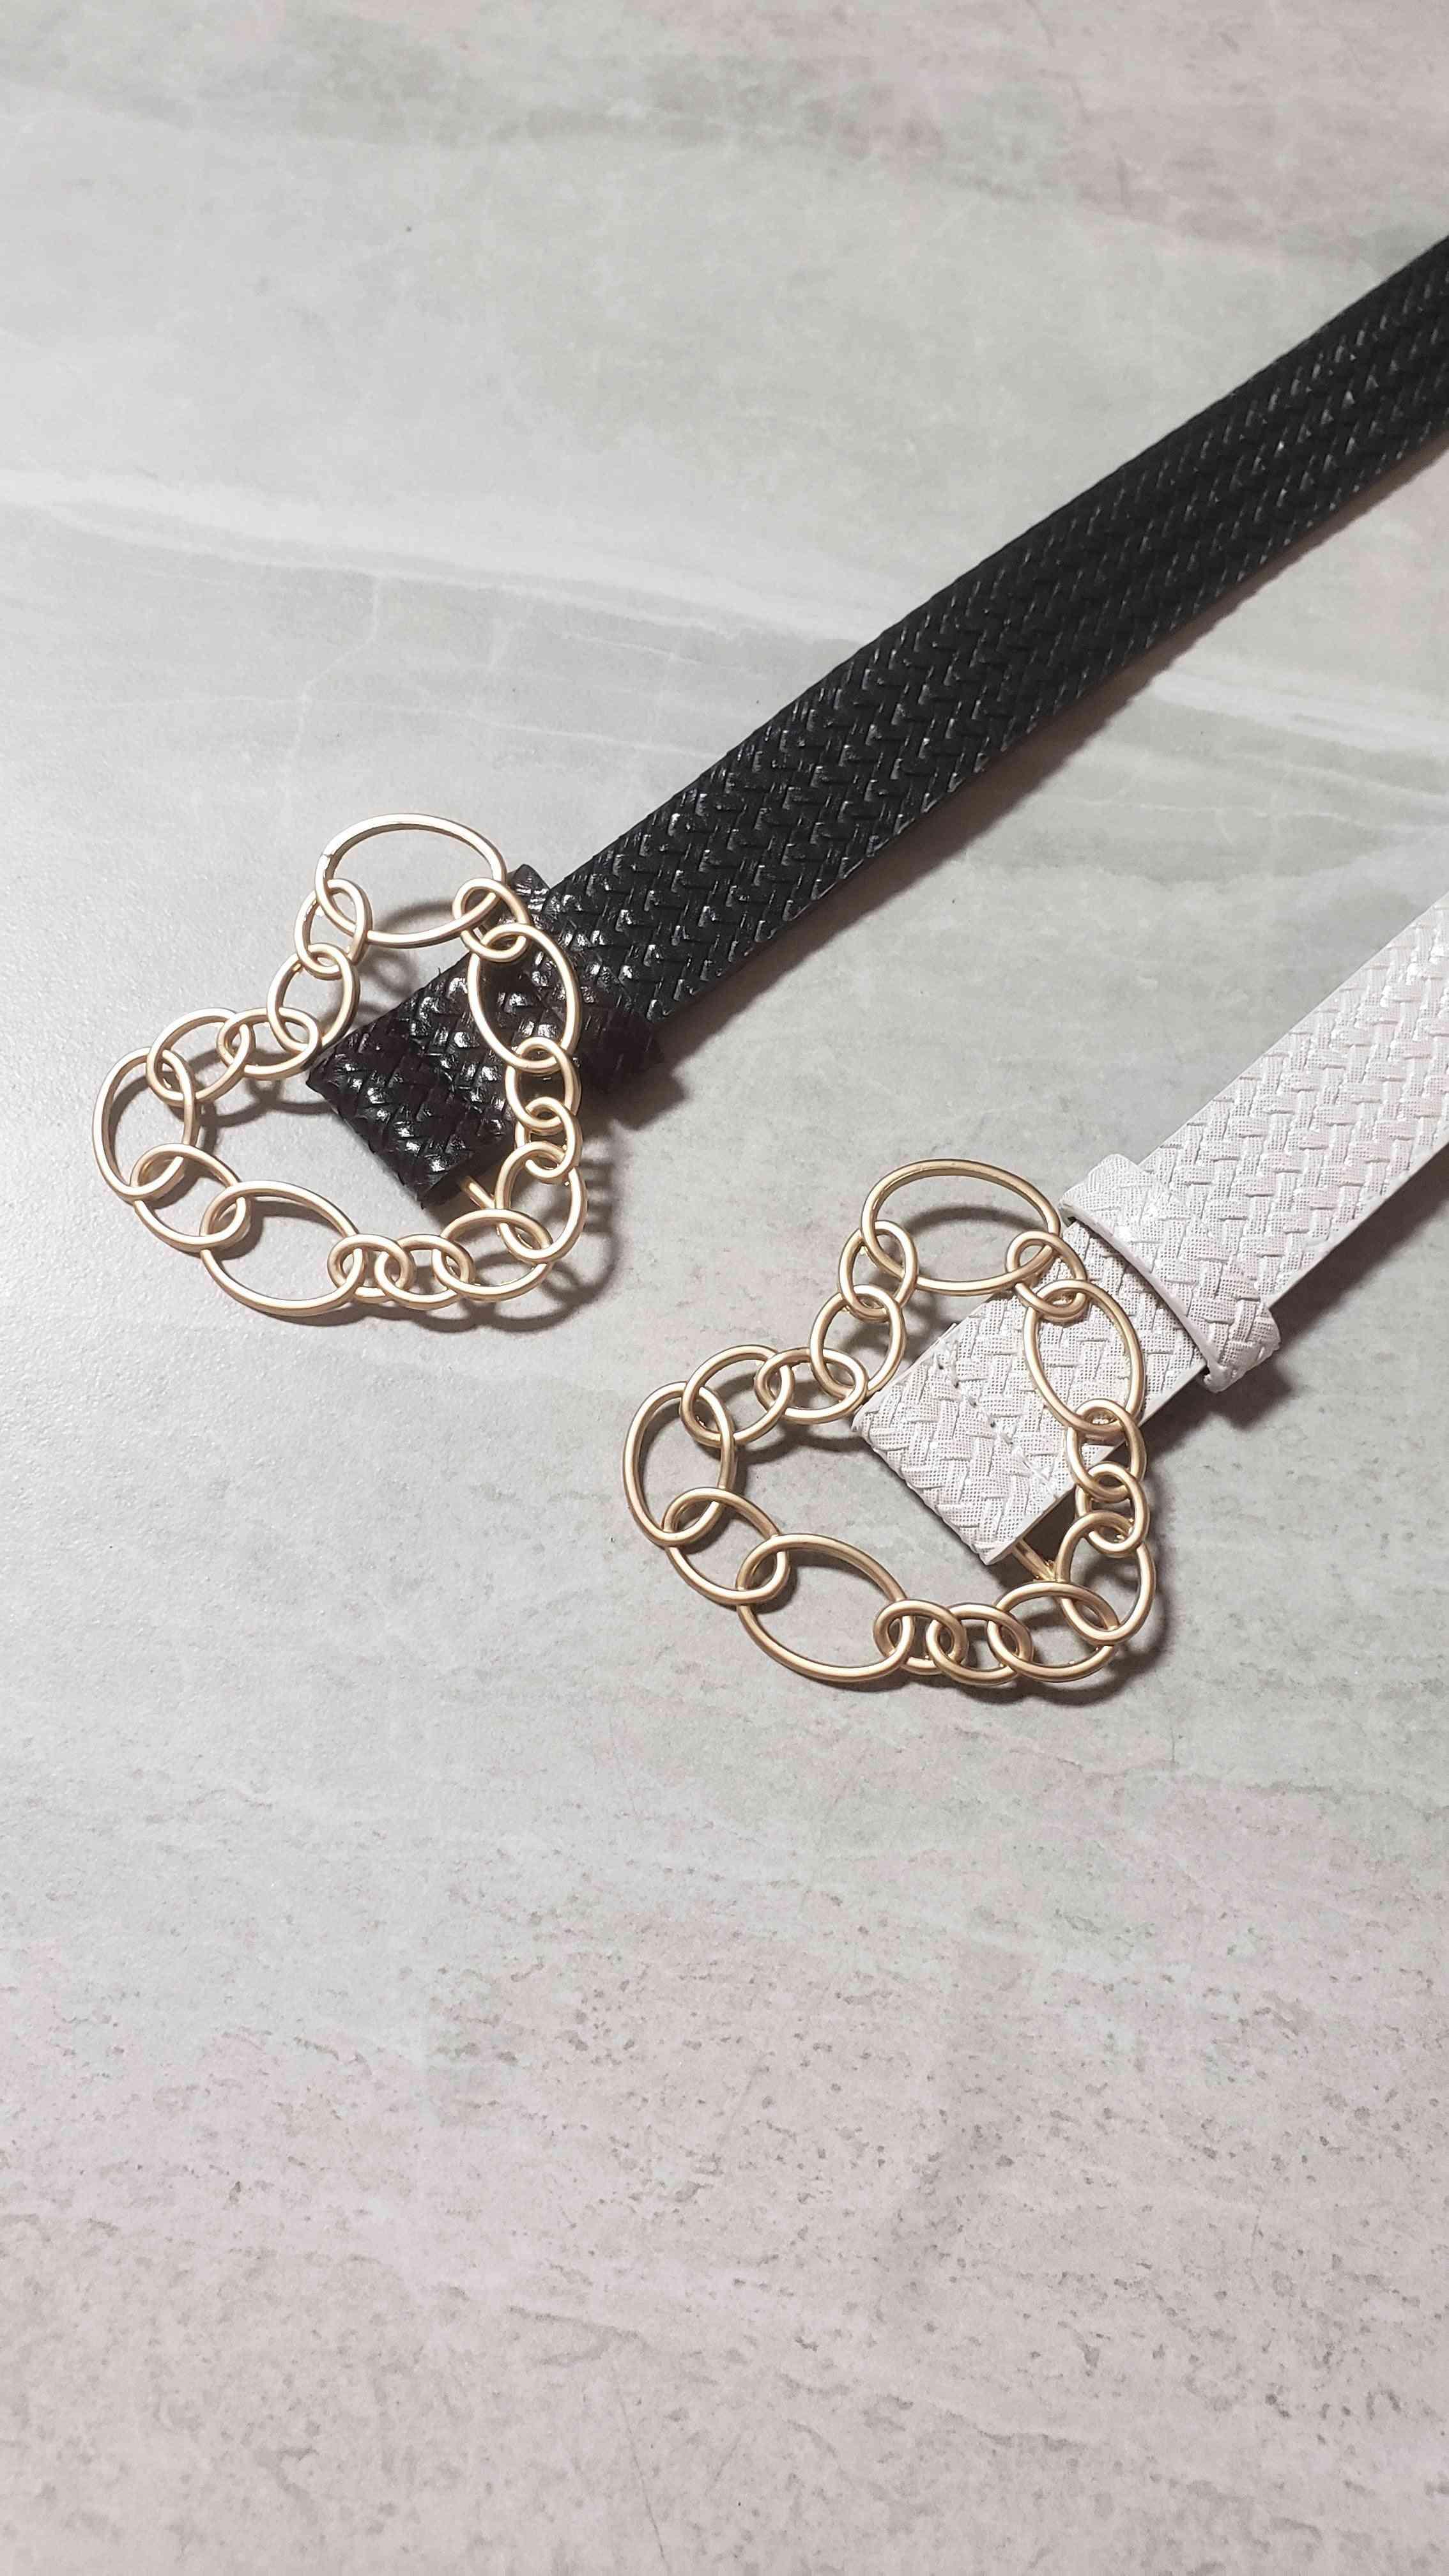 Chain Link Heart Shape Buckle Waist Belt